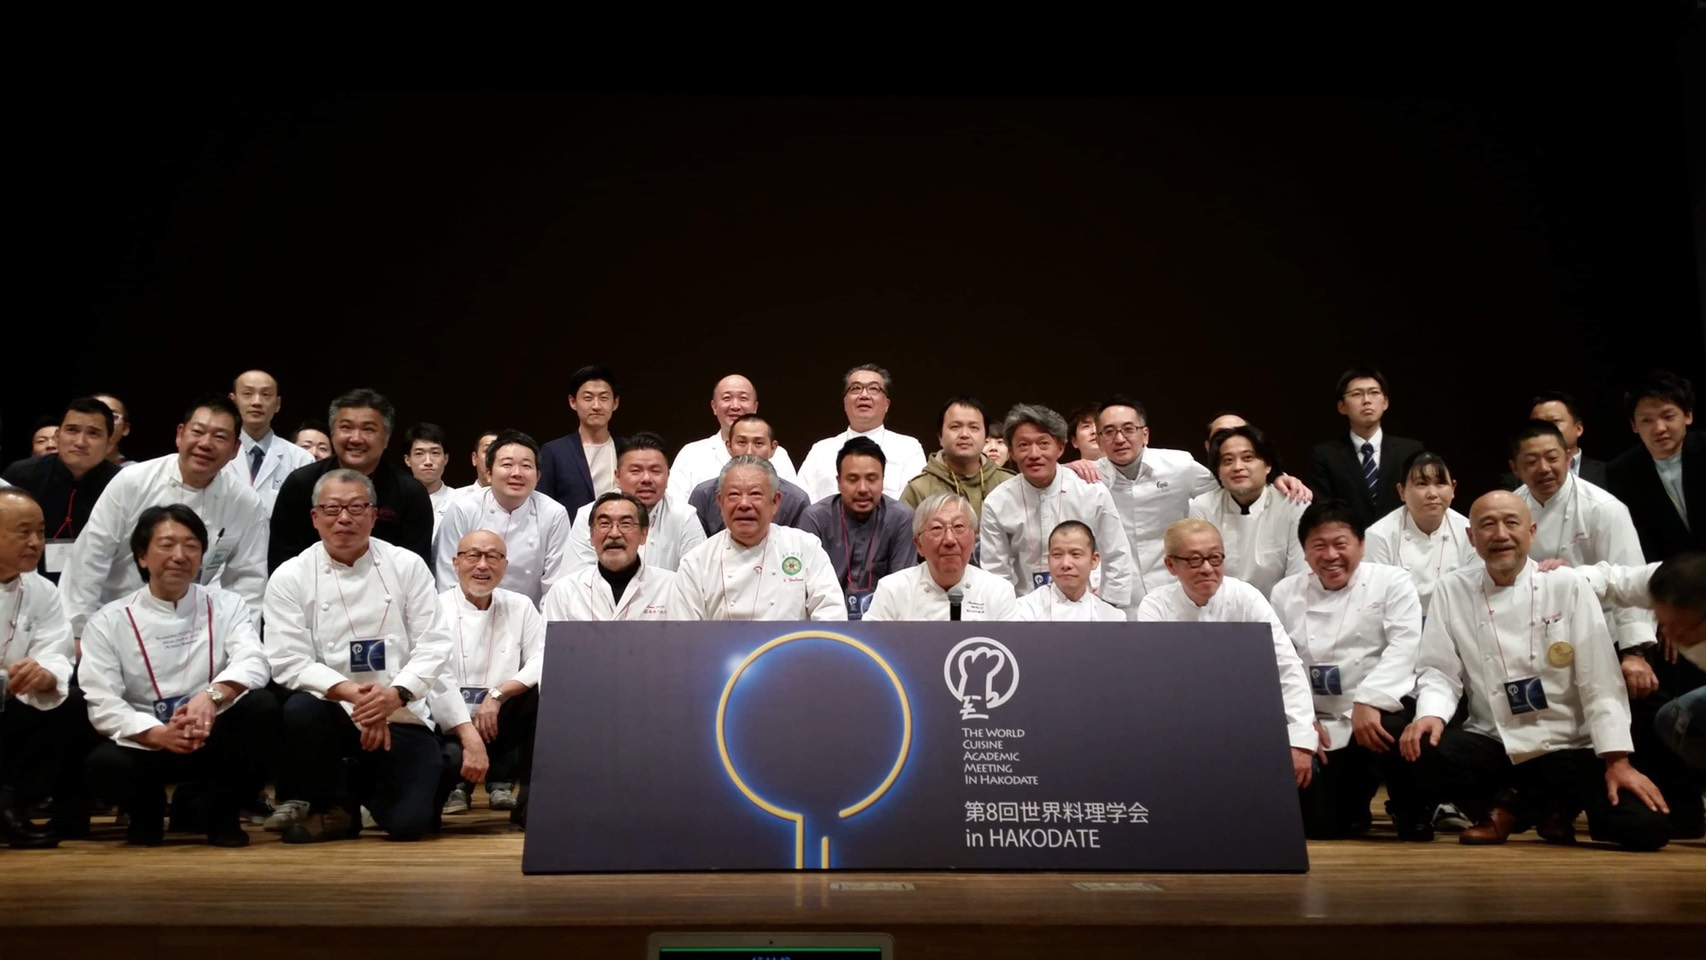 世界料理学会 2019_d0109042_23213020.jpg